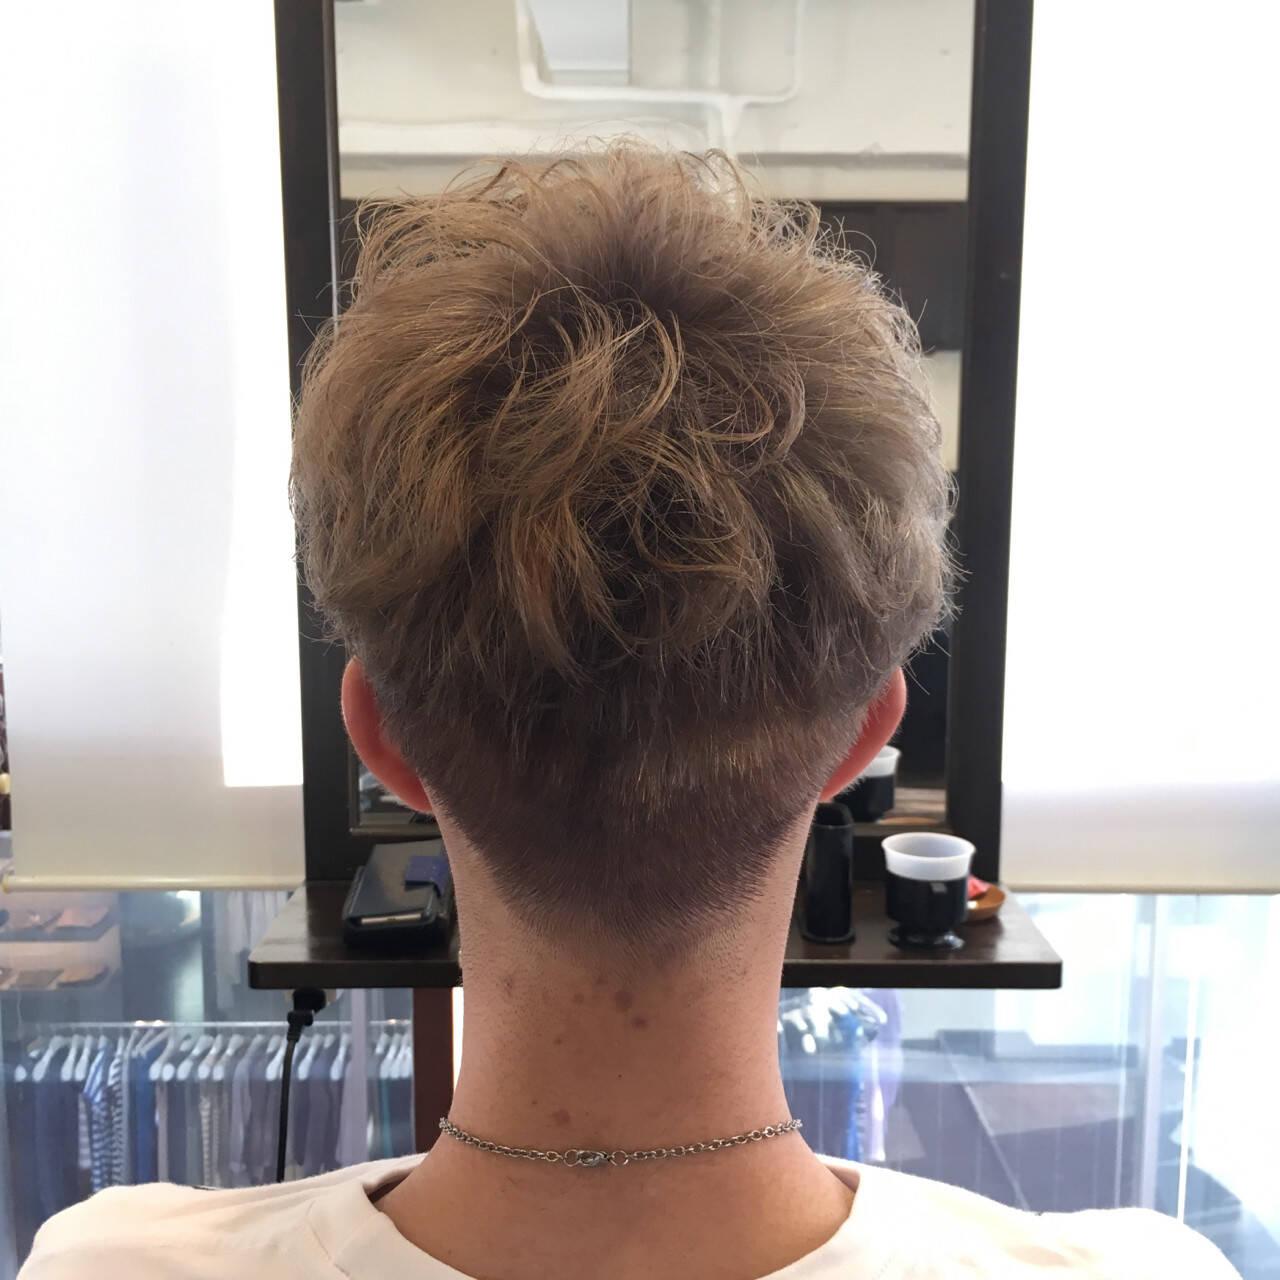 ダブルカラー ショート ストリート ブルーアッシュヘアスタイルや髪型の写真・画像